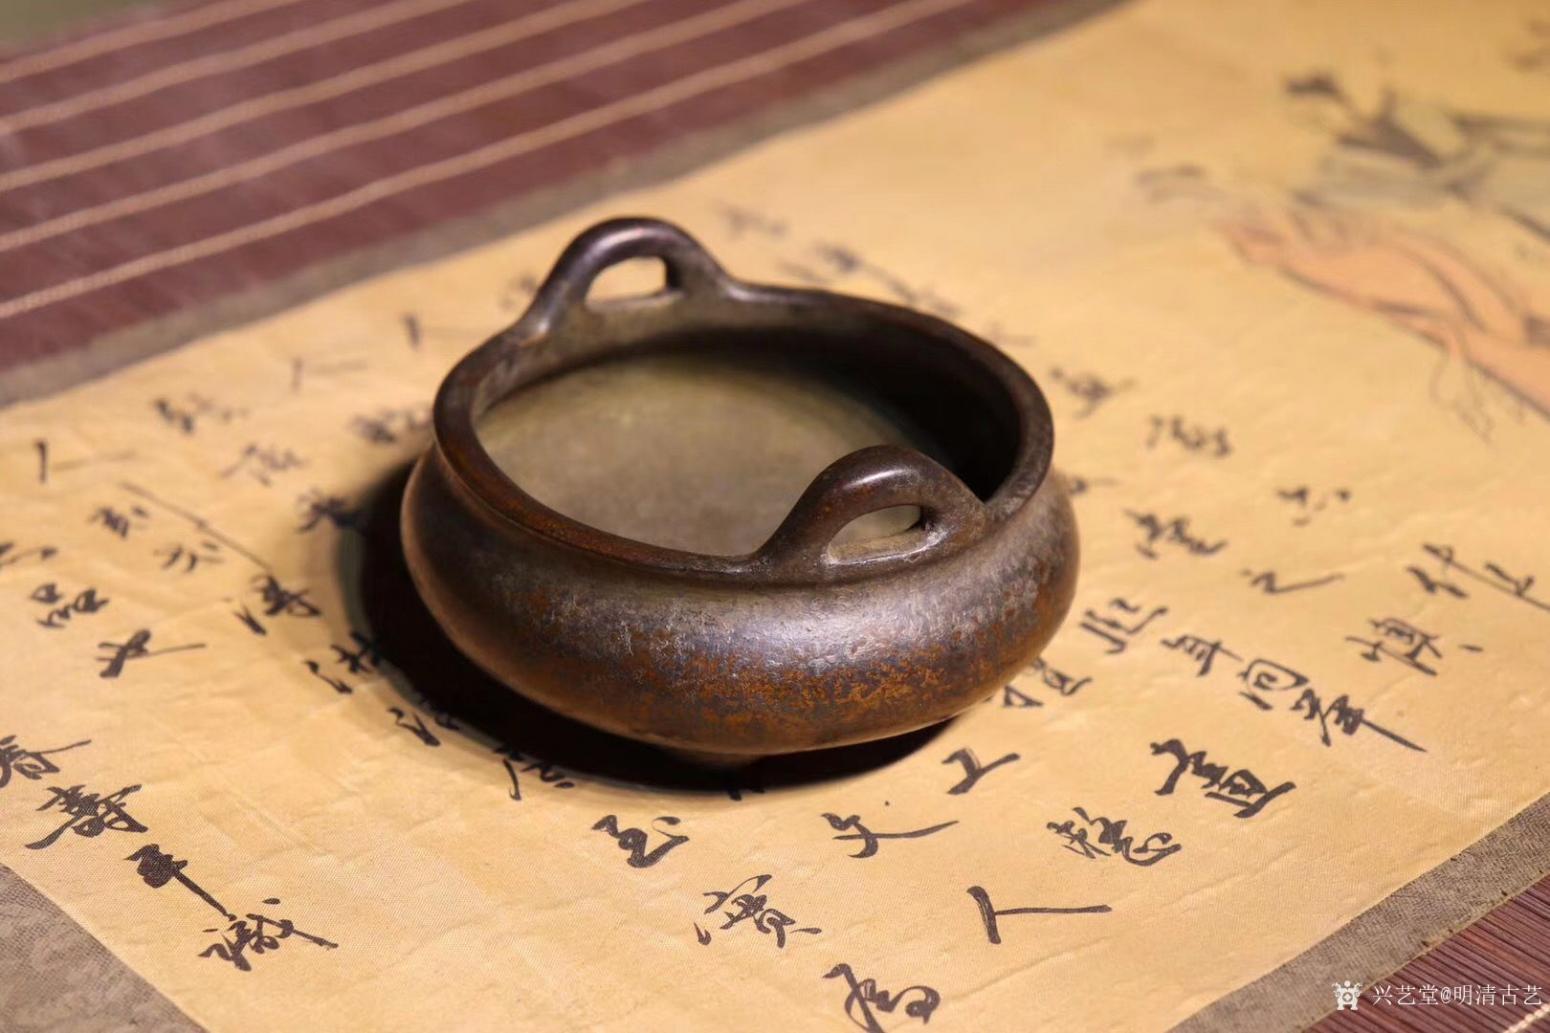 明清古艺文玩杂项作品《崇祯香炉》【图0】